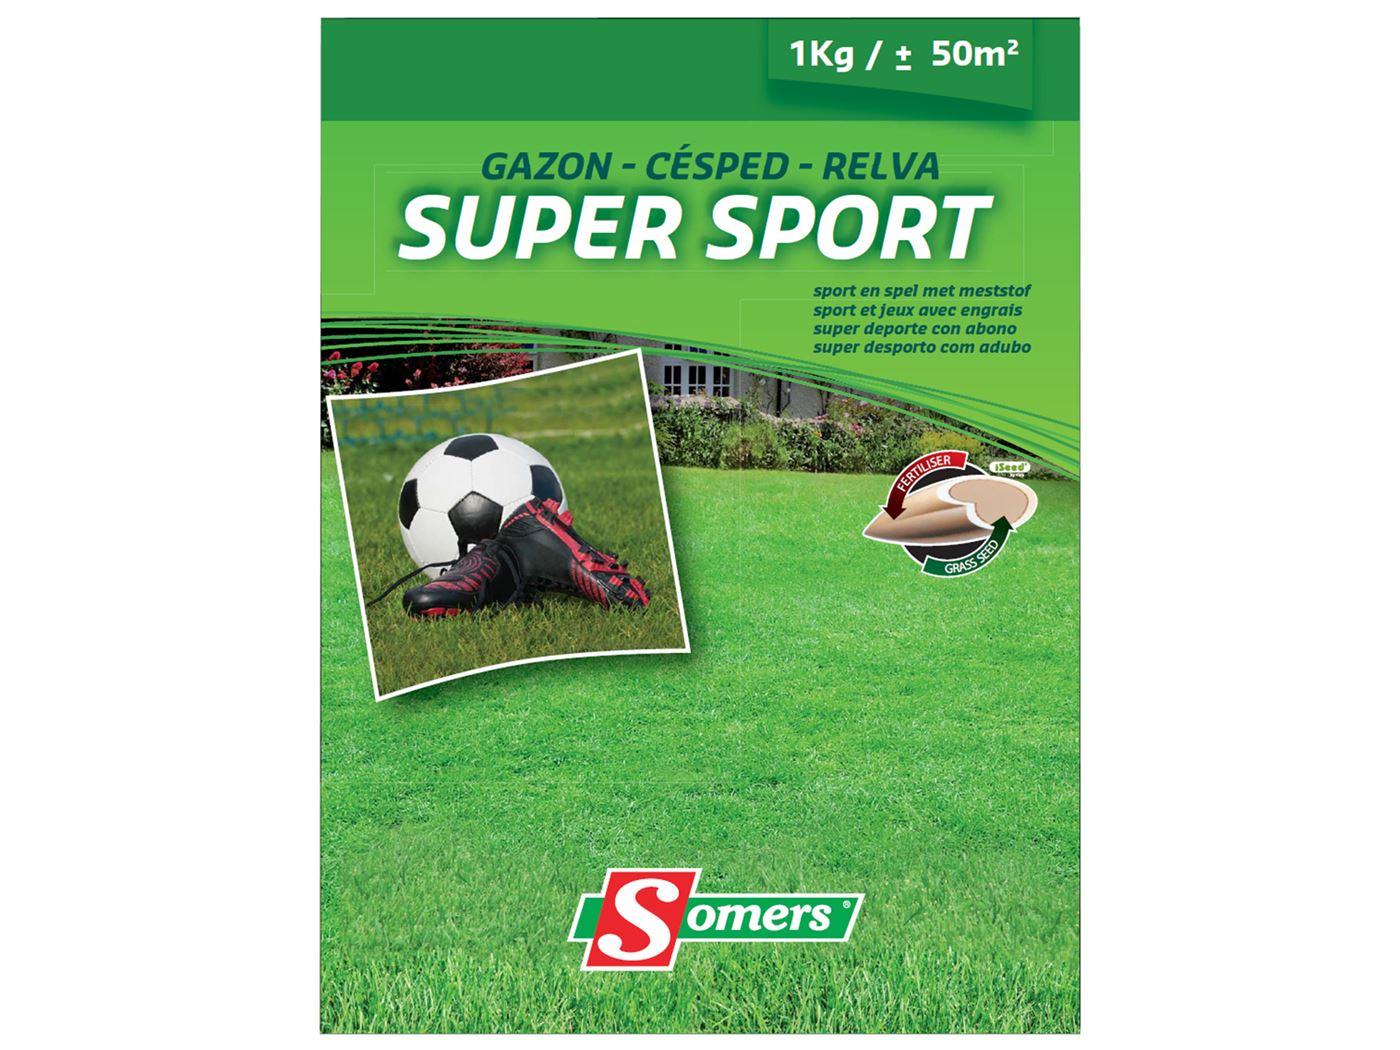 somers-gazonzaad-super-sport-met-i-seed